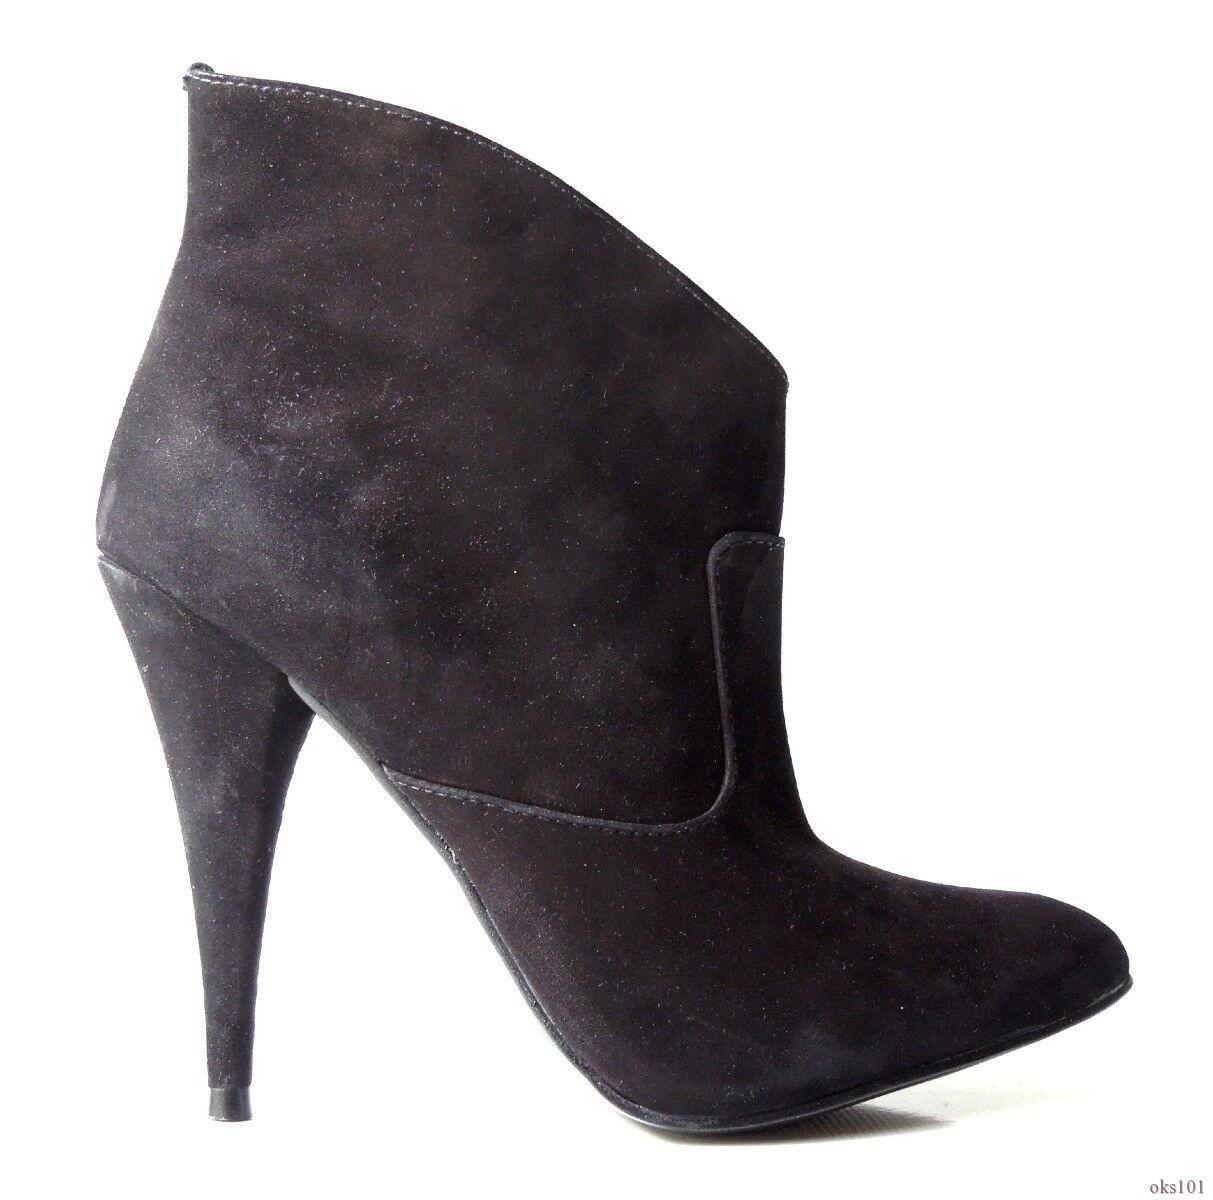 descuento de ventas en línea Nuevo Nuevo Nuevo Steven Steve Madden 'Kinx' Nobuck Negro botas al Tobillo Zapatos 6-Sexy  sorteos de estadio